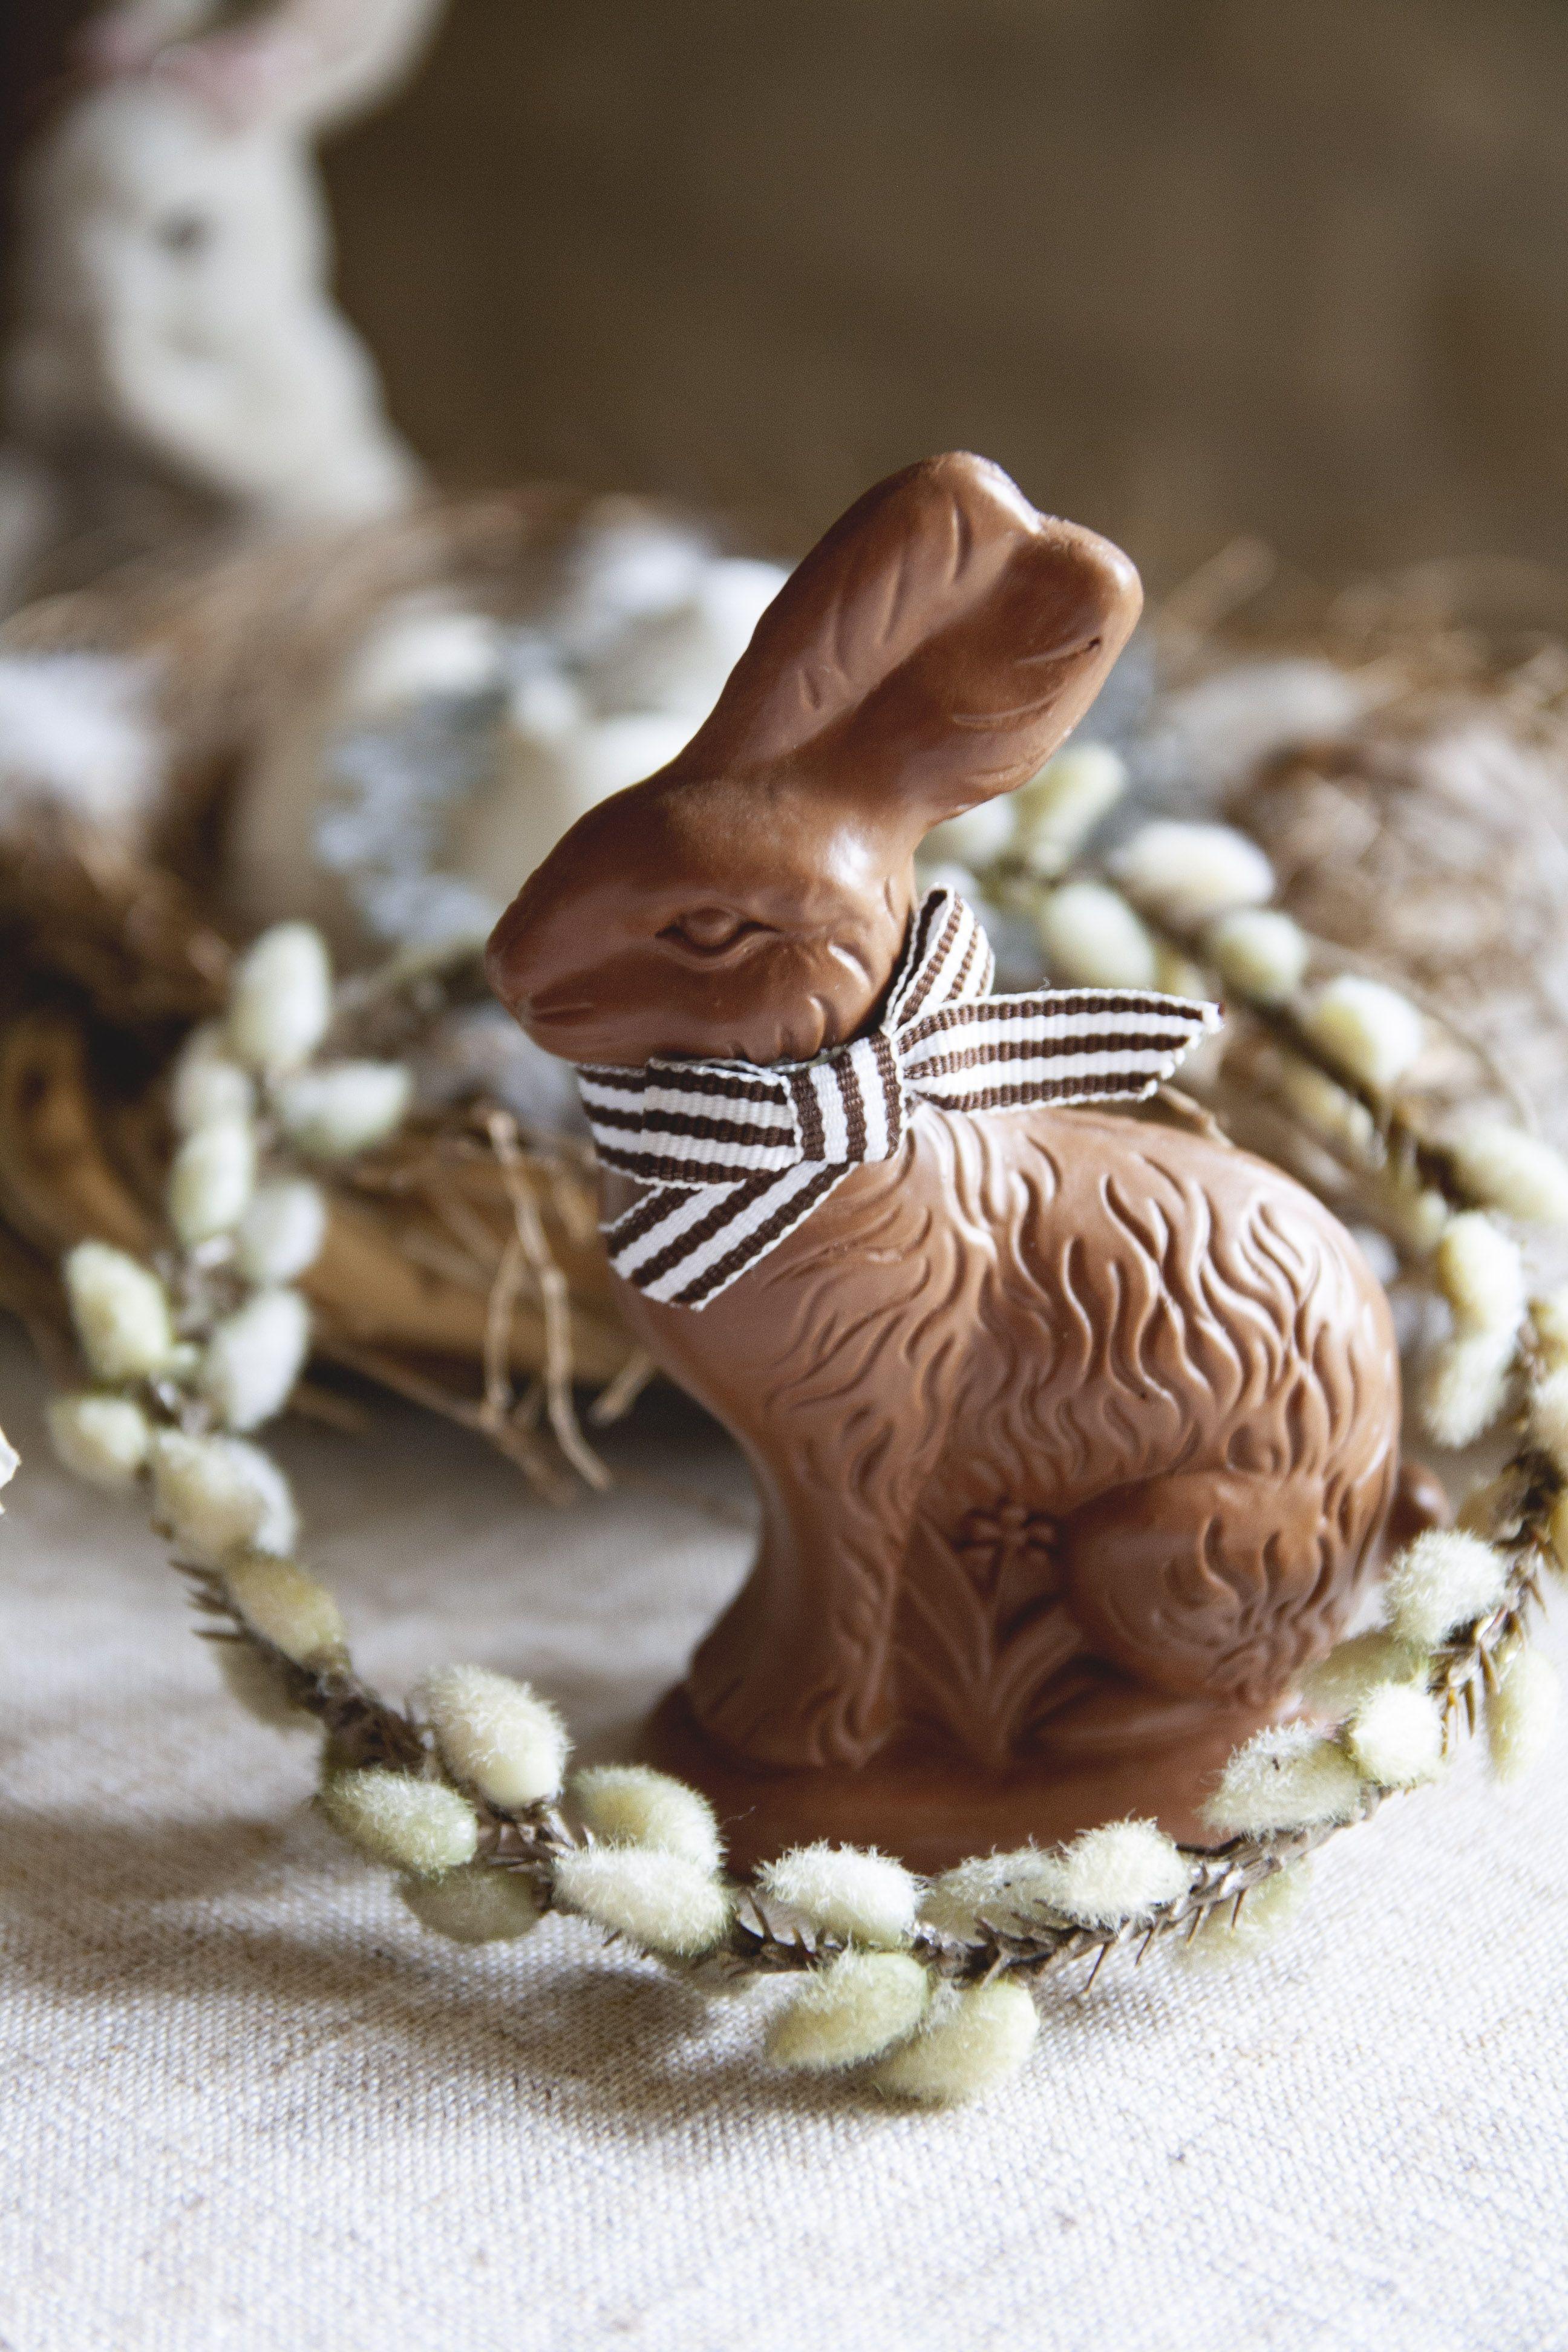 Evelyne Warchol Le Bonheur A La Campagne Guest House Chambres D Hotes Champagne Ardenne Printemps Spring Decor Easter Deco Deco Paques Deco Instagram